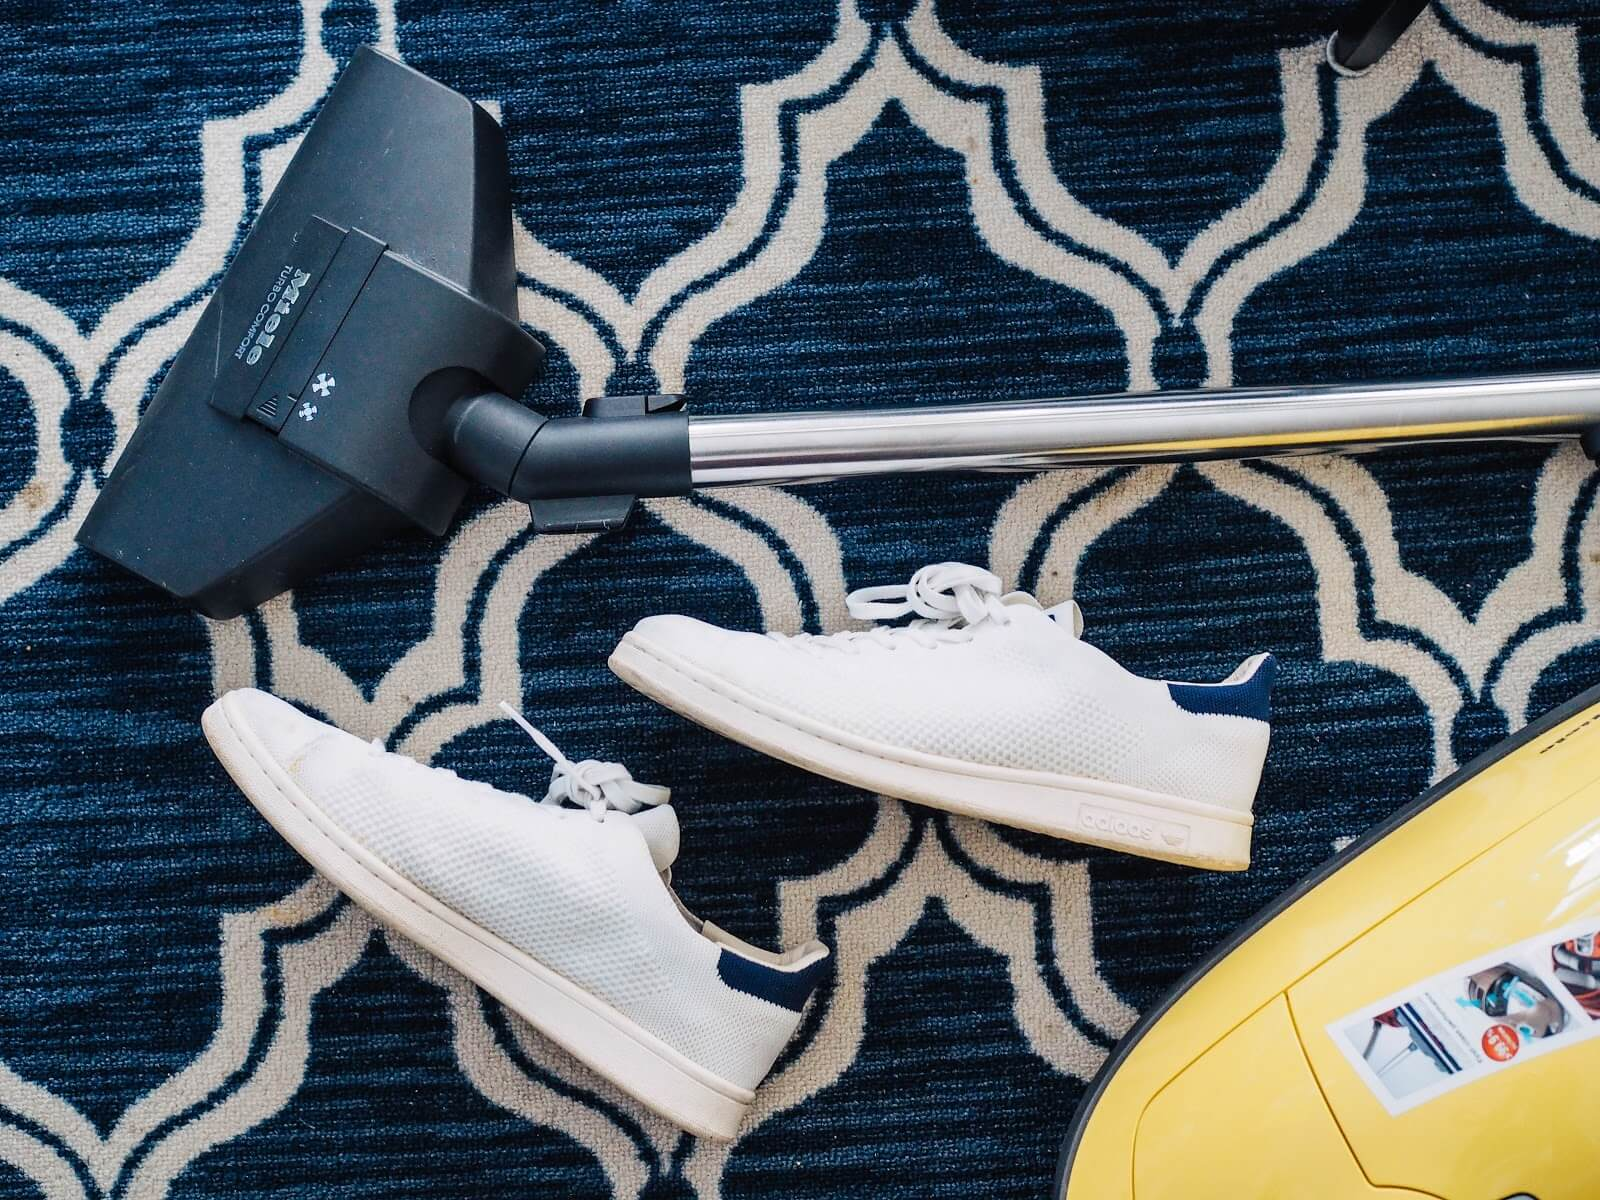 Mantén limpio tu Airbnb y no dejes zapatillas en el suelo